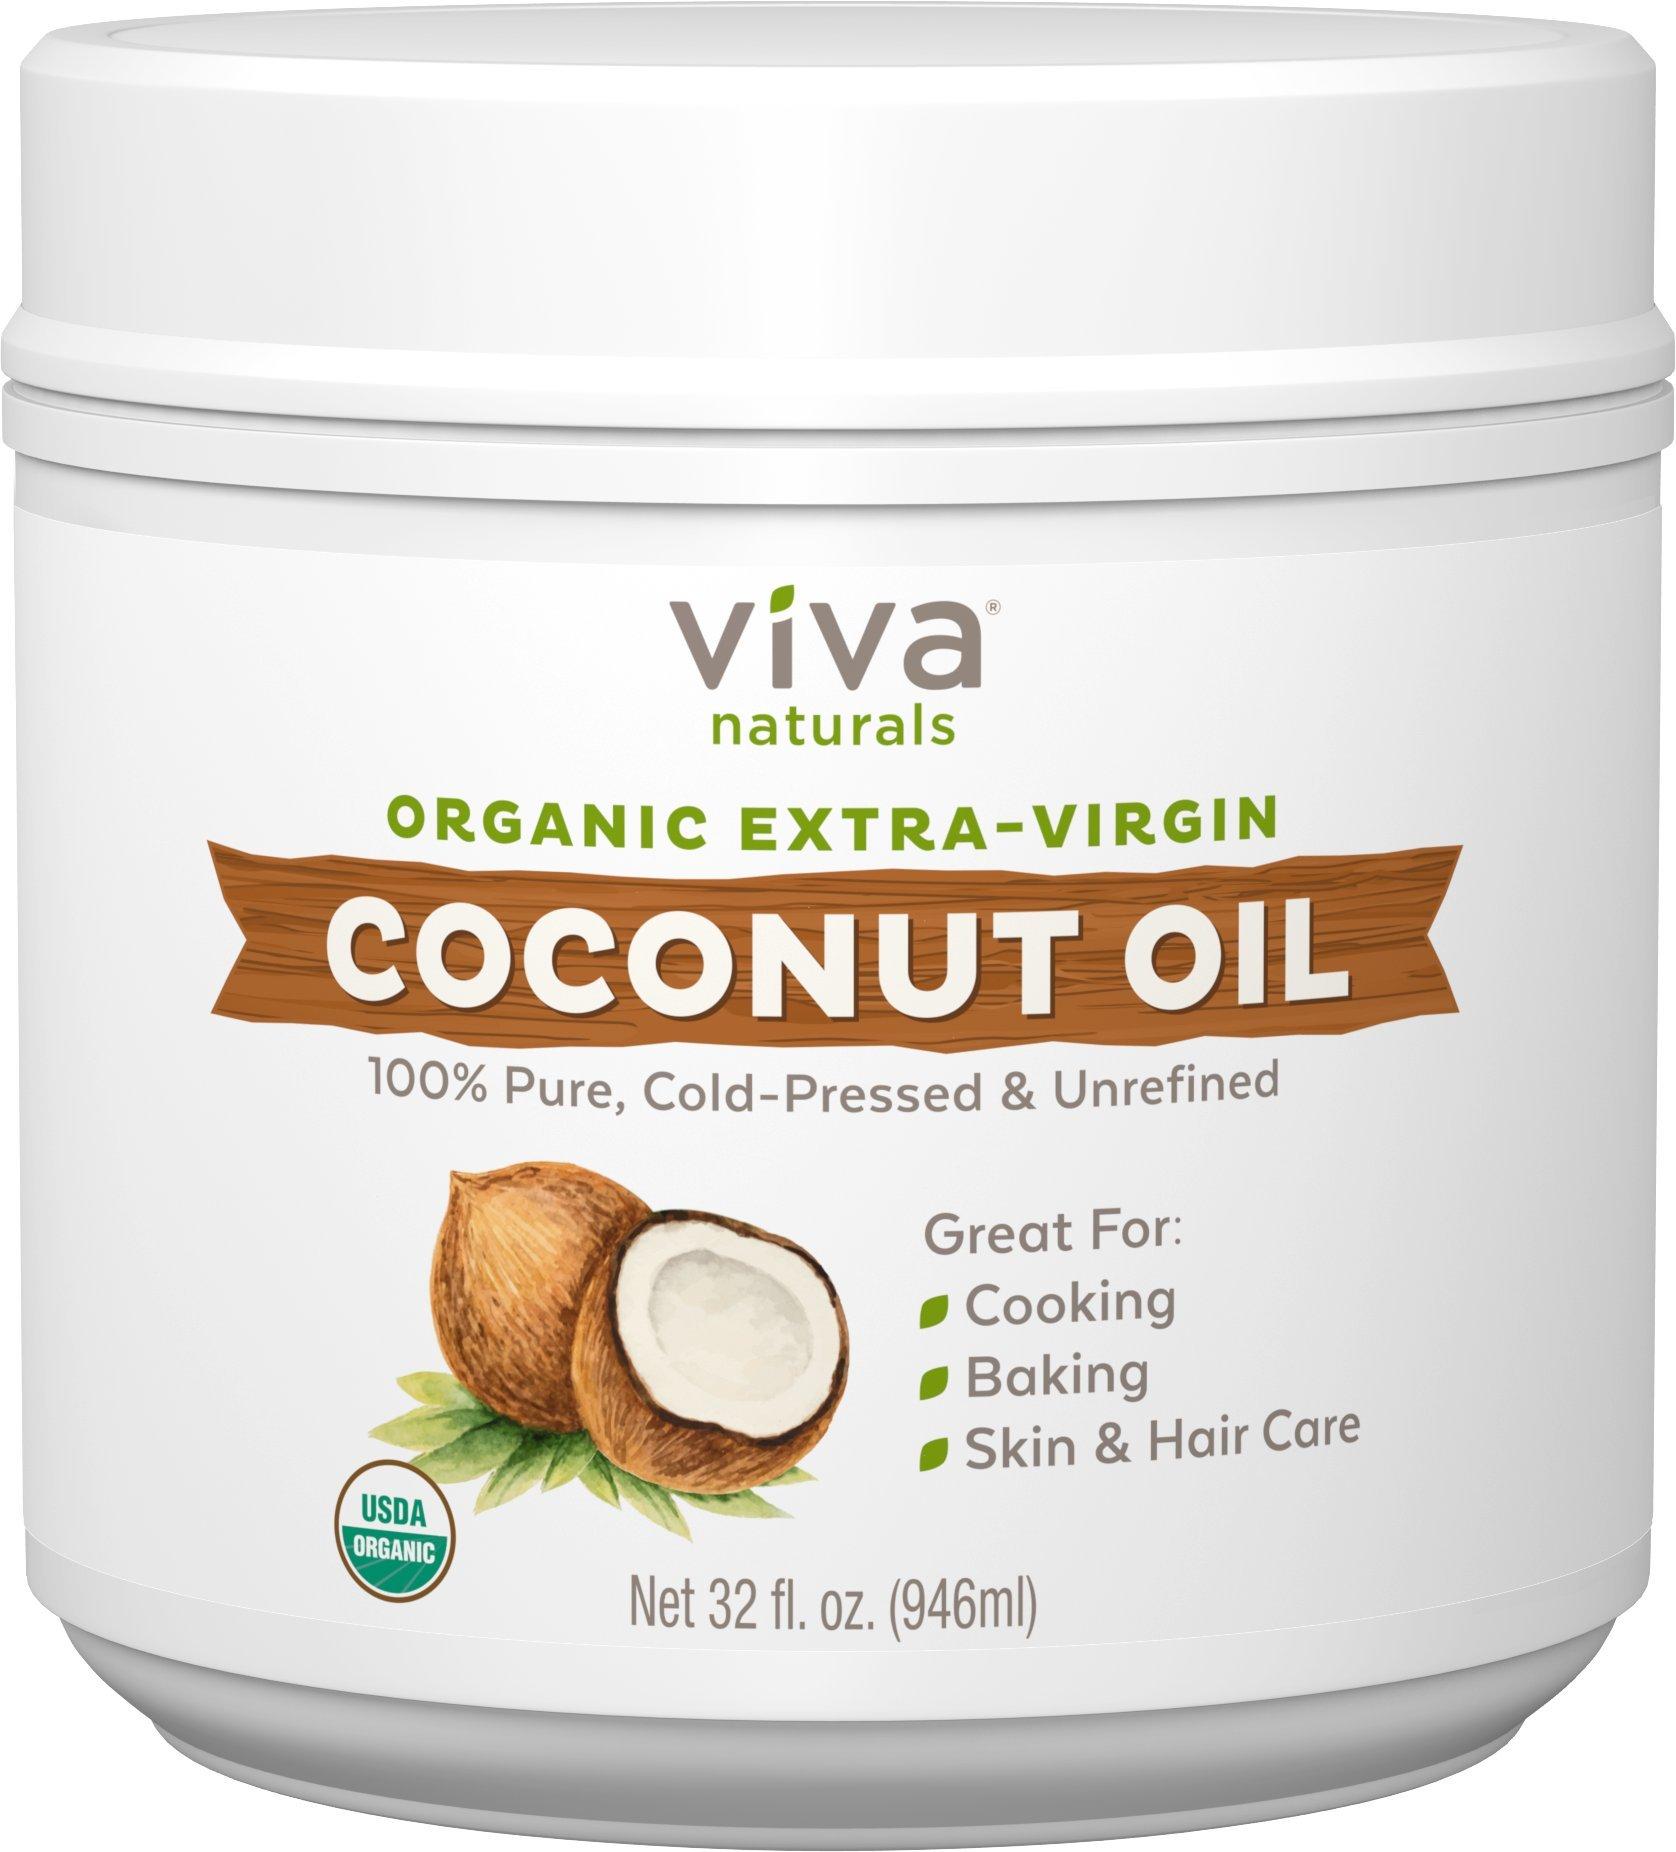 Viva Naturals Organic Extra Virgin Coconut Oil, 32 Ounce